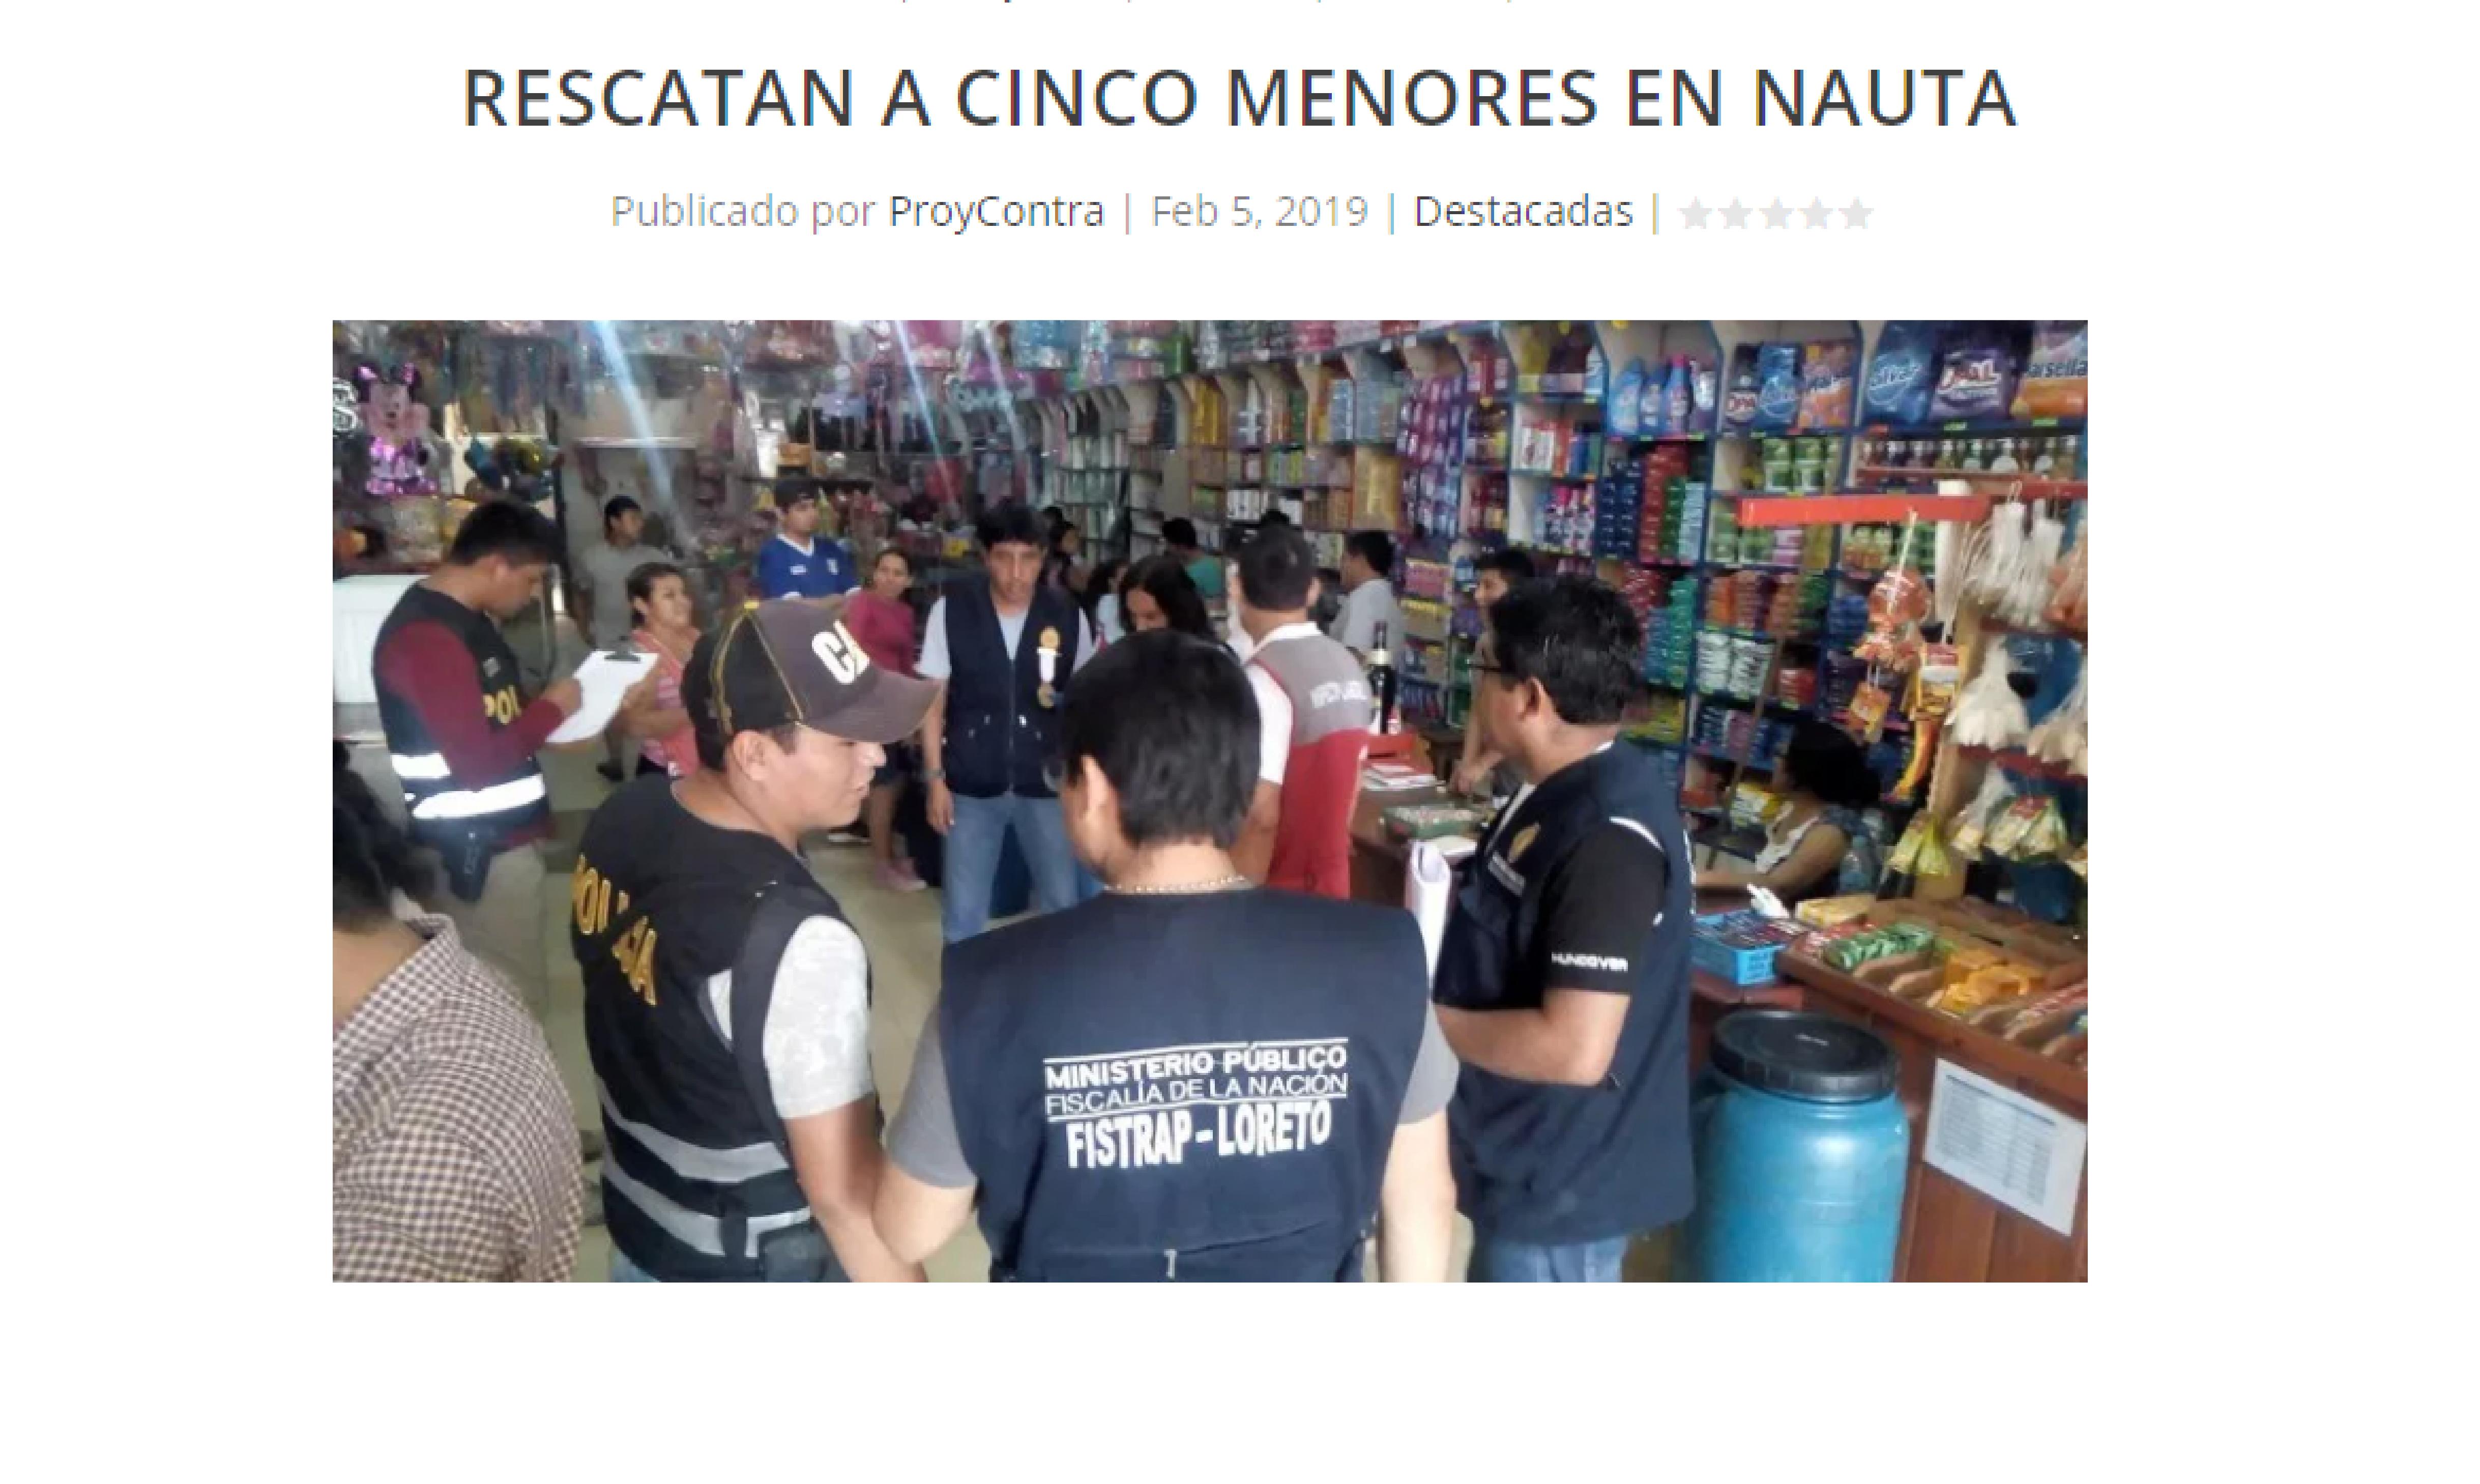 Rescatan a 5 menores en Nauta